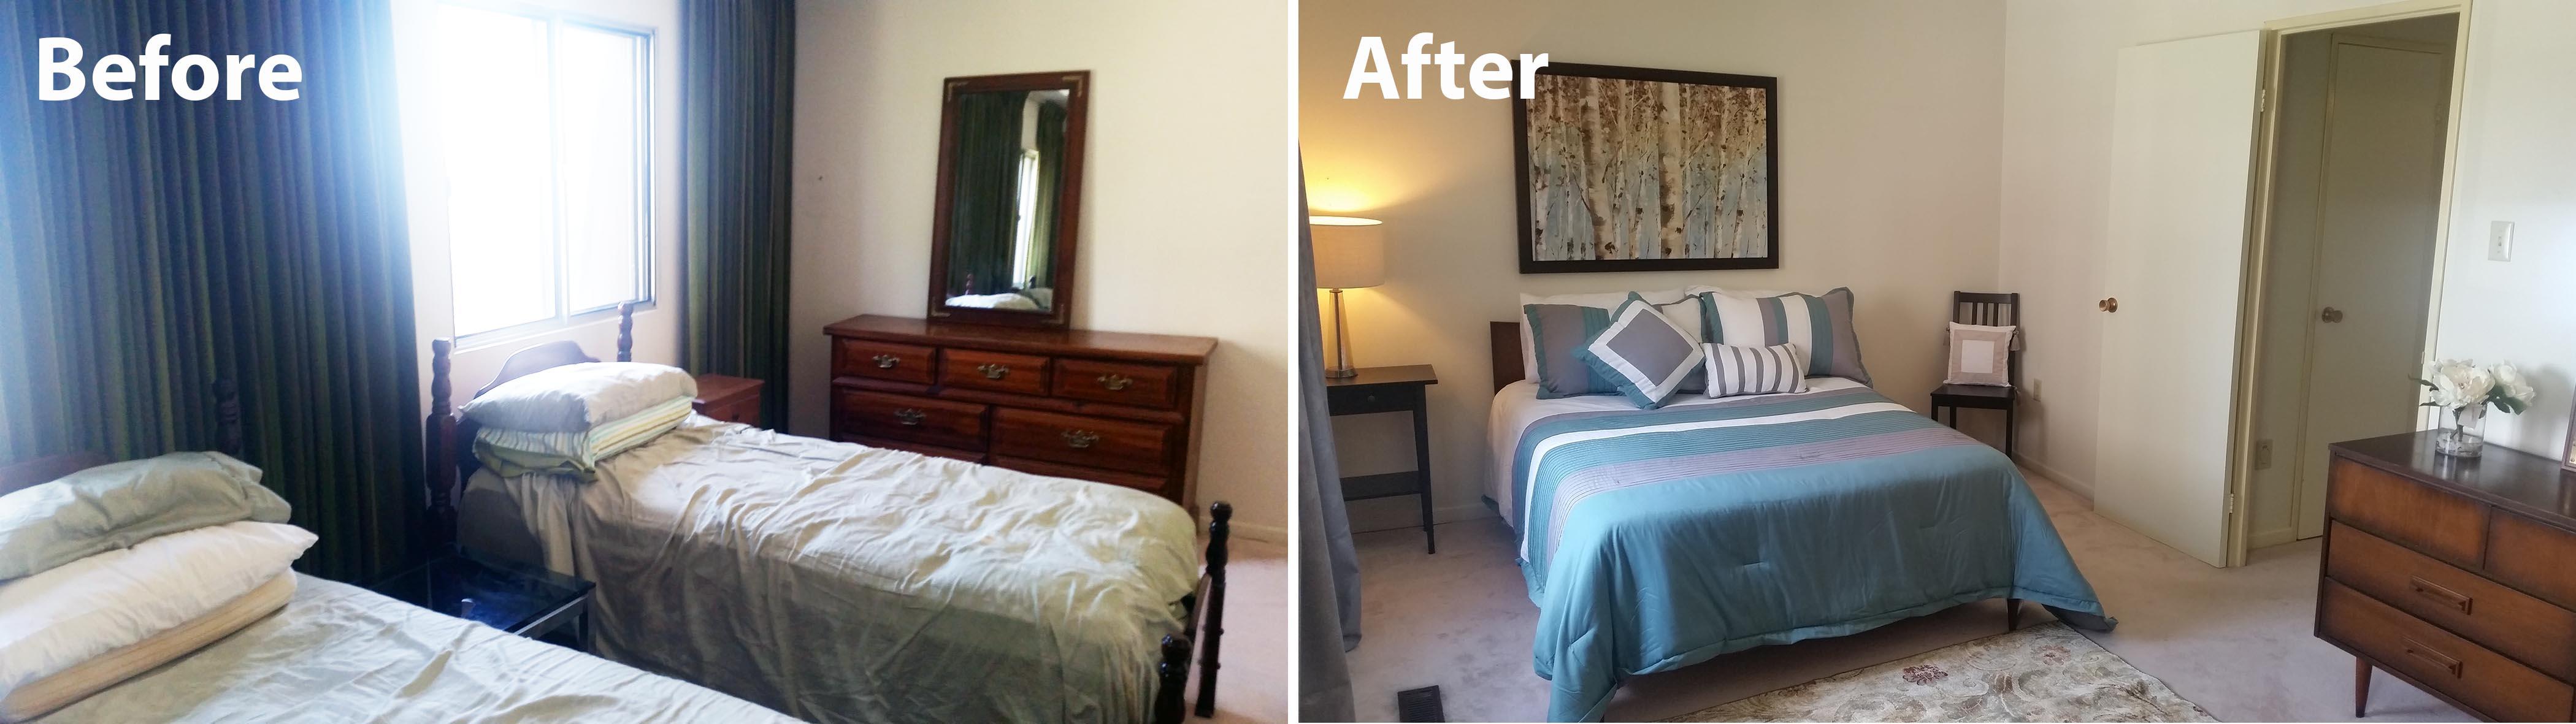 Master bedroom staged for sale